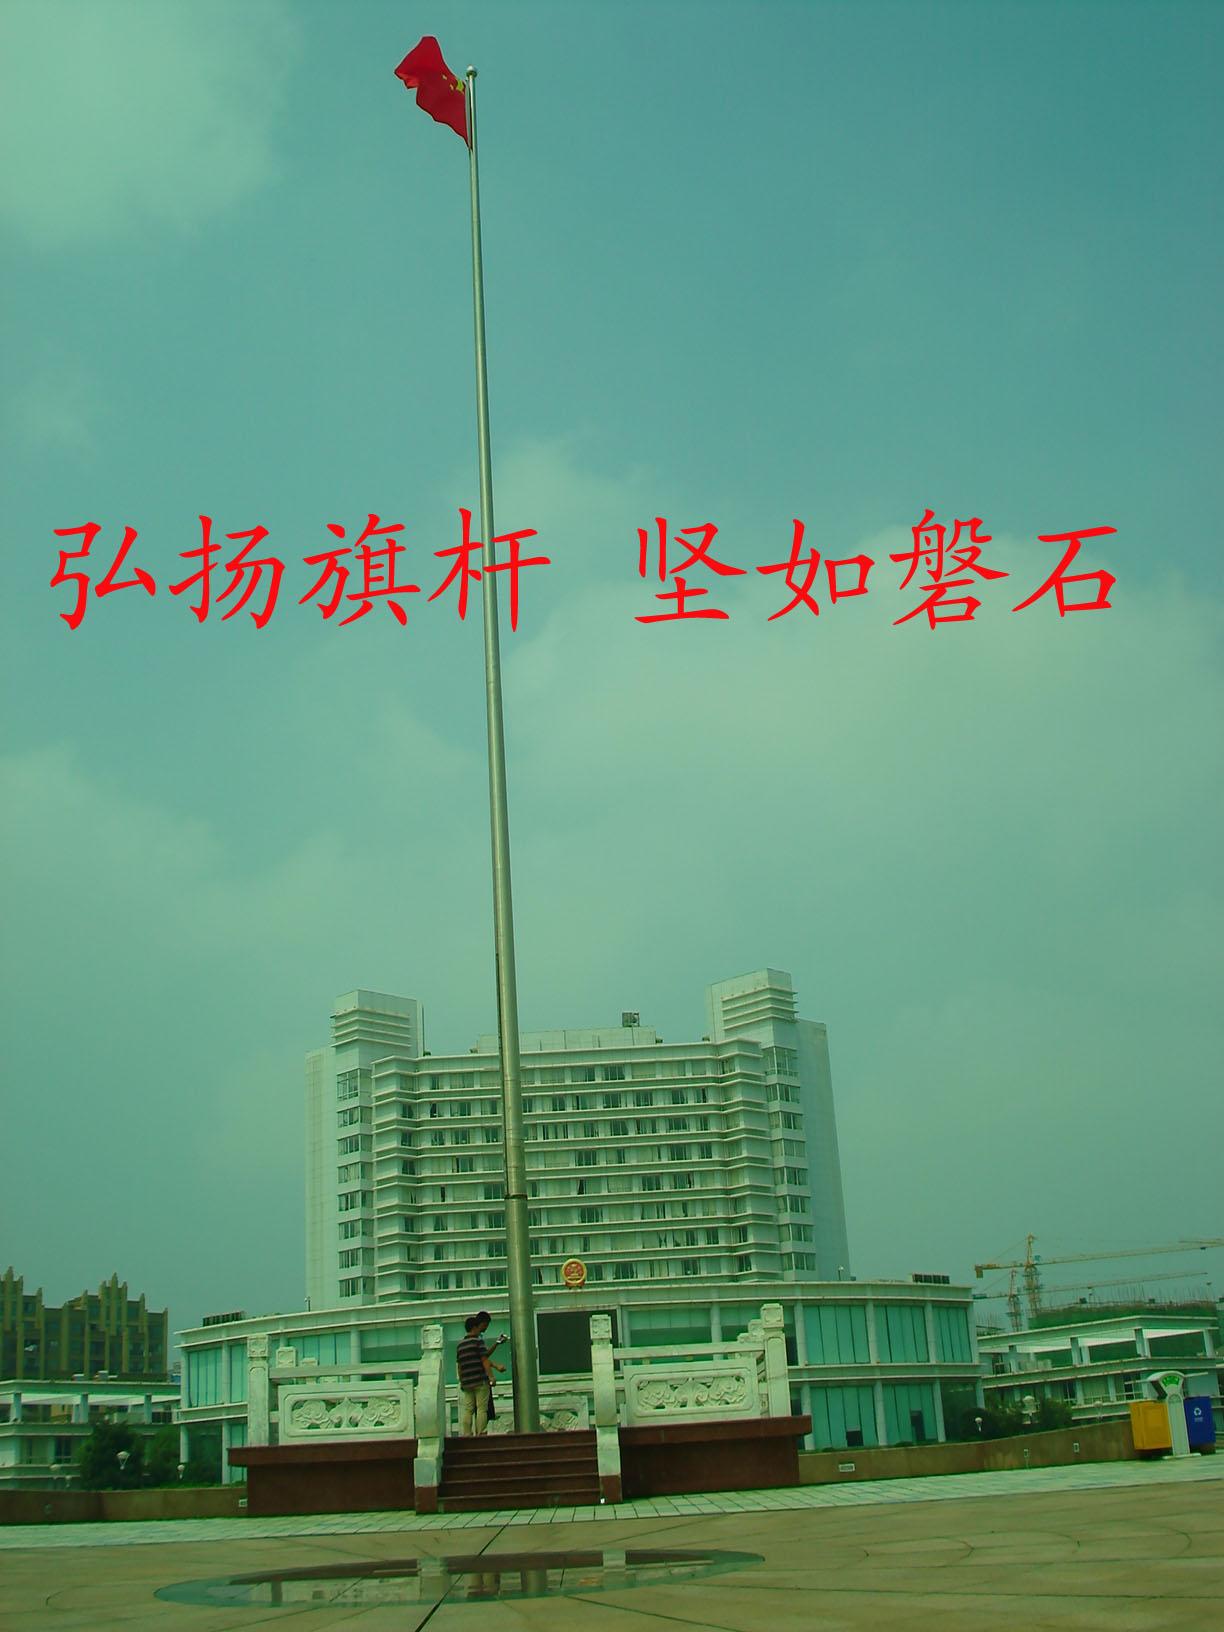 宣城不锈钢旗杆生产厂宣城锥形旗杆价格宣城旗杆厂_合肥弘扬工艺品厂